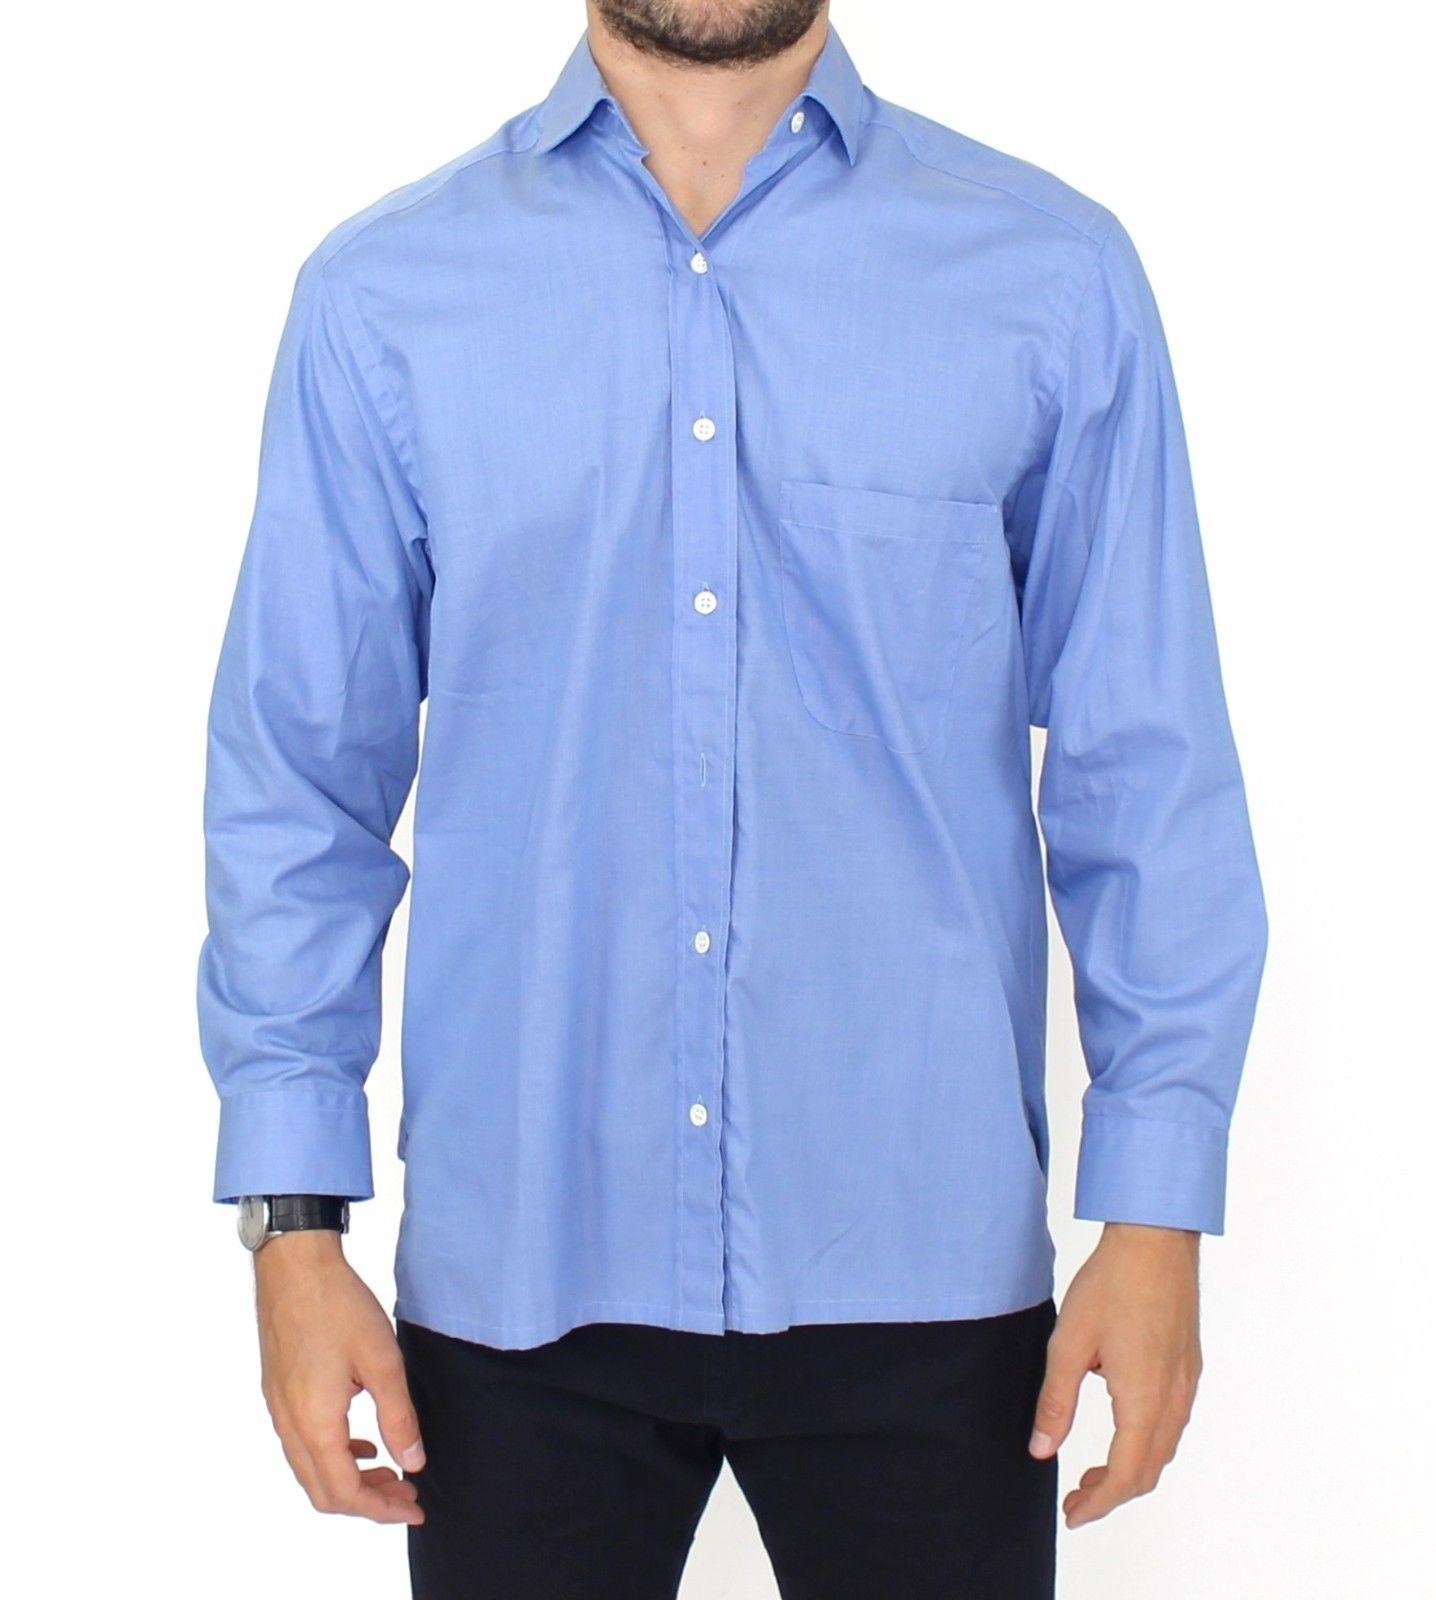 Ermanno Scervino Men's Cotton Classic Fit Shirt Blue SIG10124 - IT38 | S